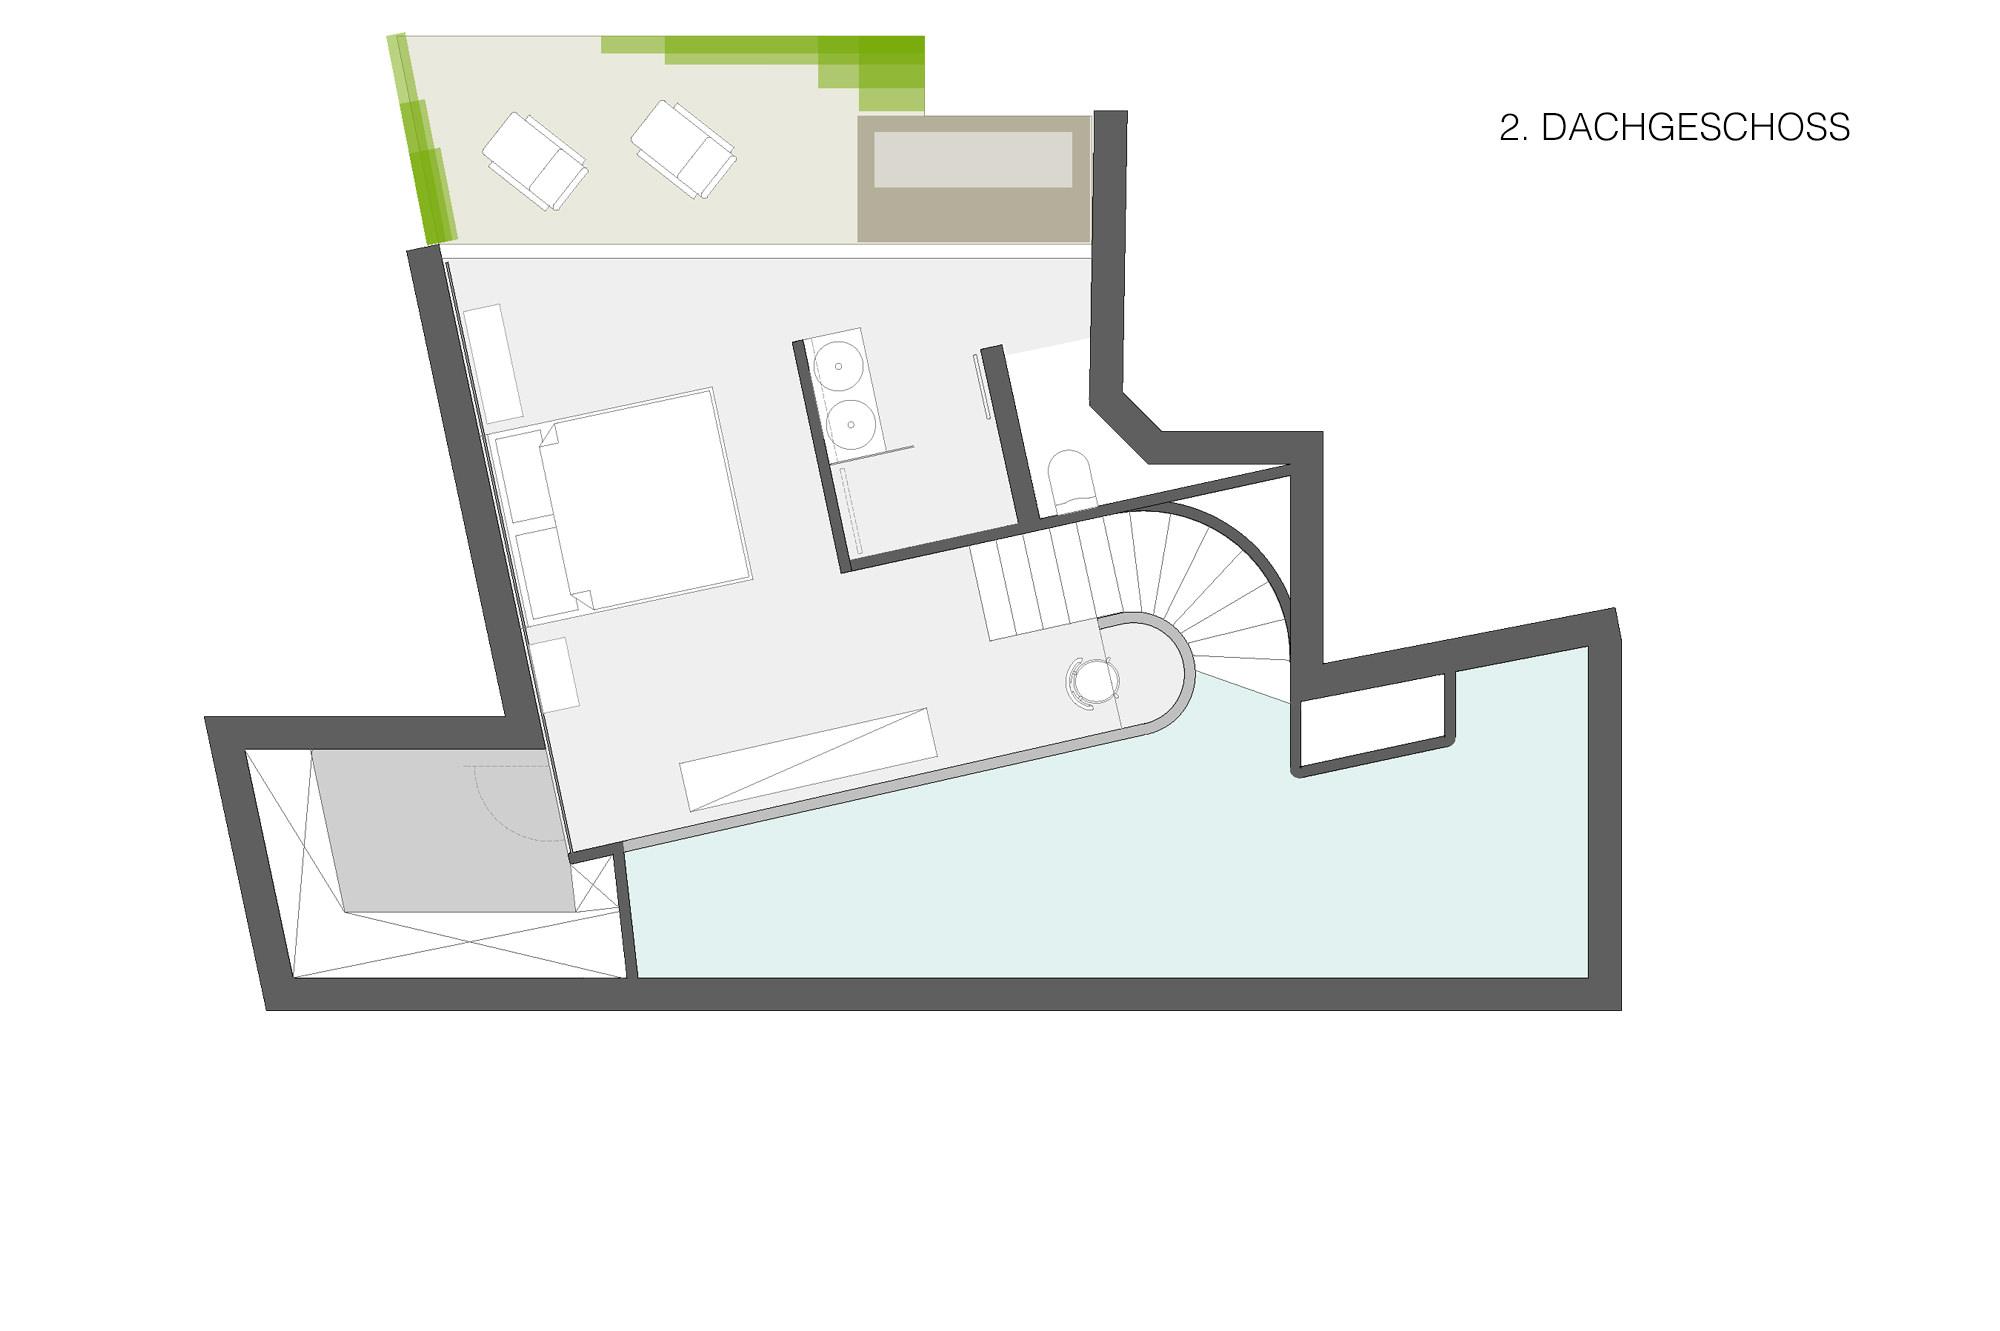 penthouse_W_10_umbau_dachausbau_1040_wien_junger_beer_architektur